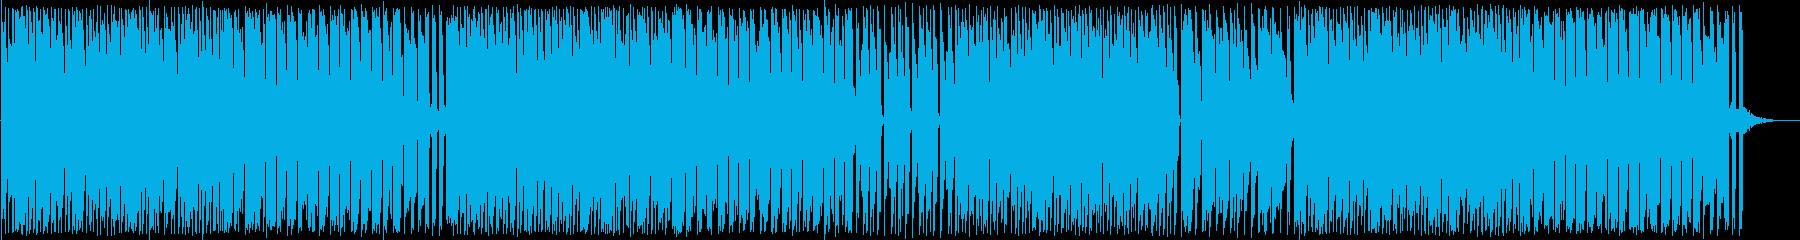 アップテンポで楽しい和風ポップスの再生済みの波形